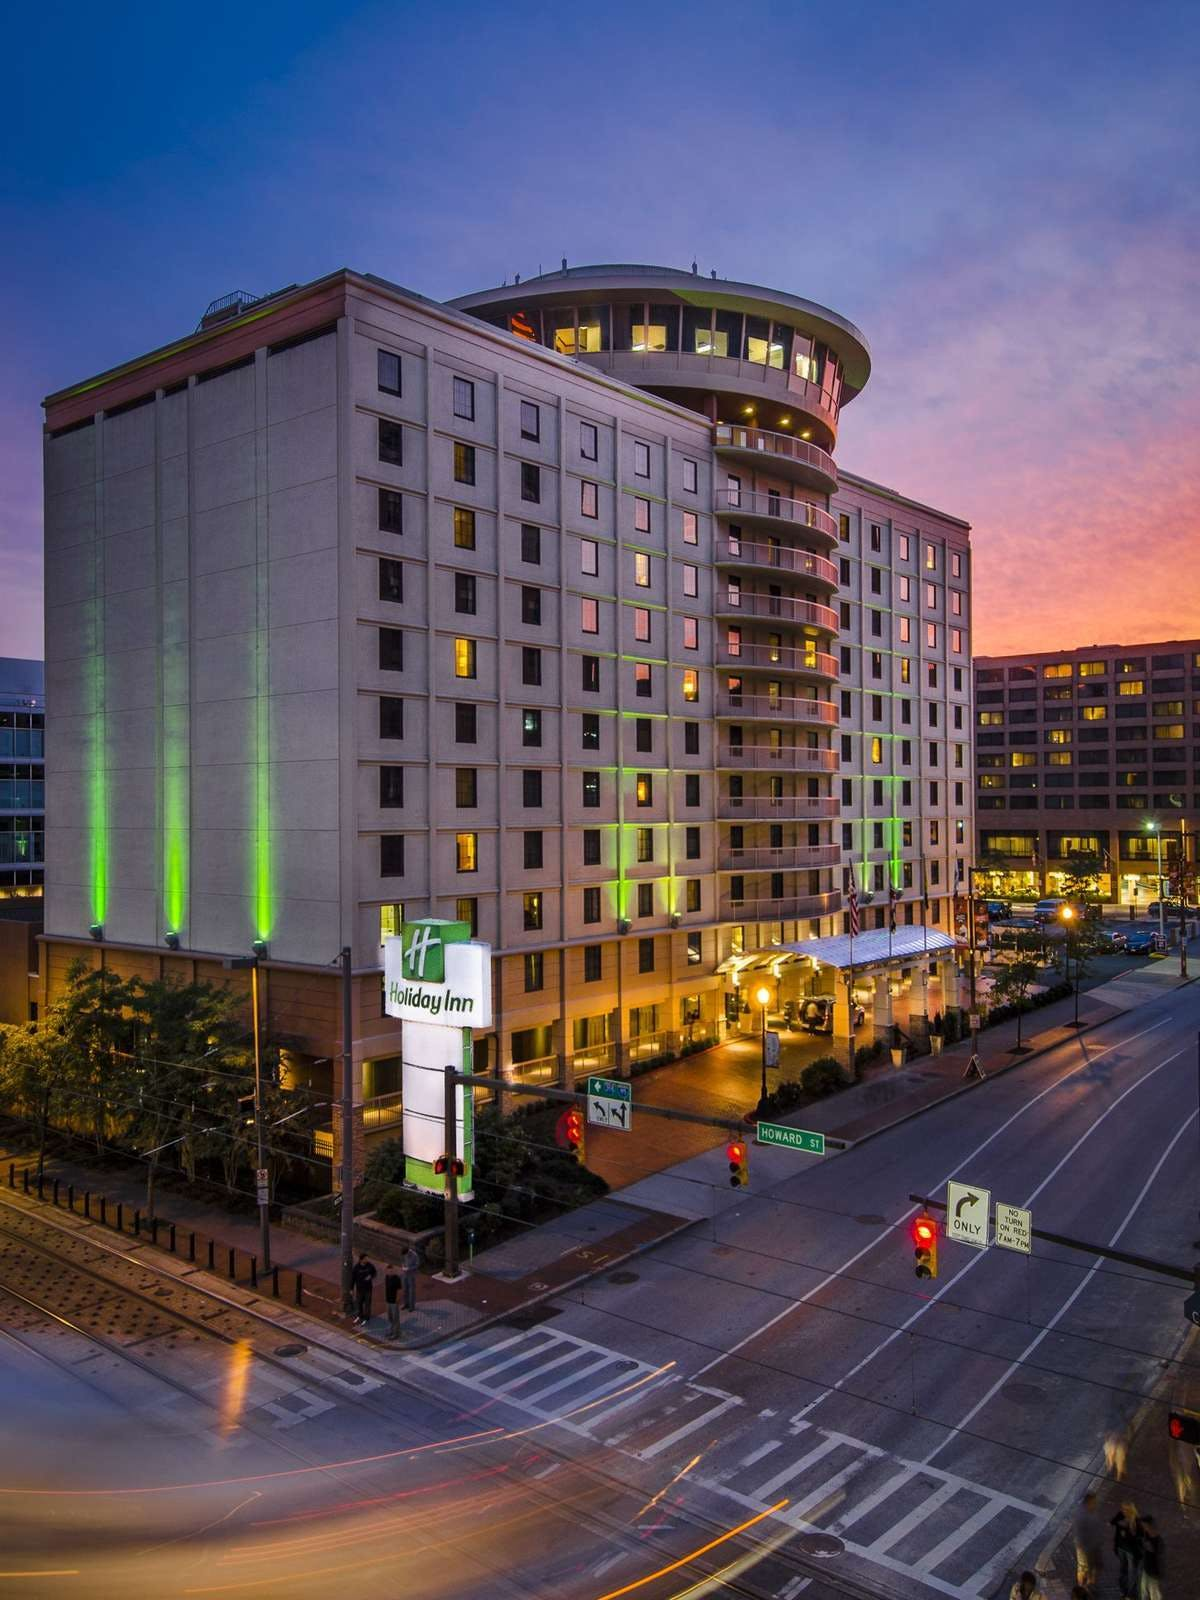 Holiday Inn Baltimore Inner Harbor